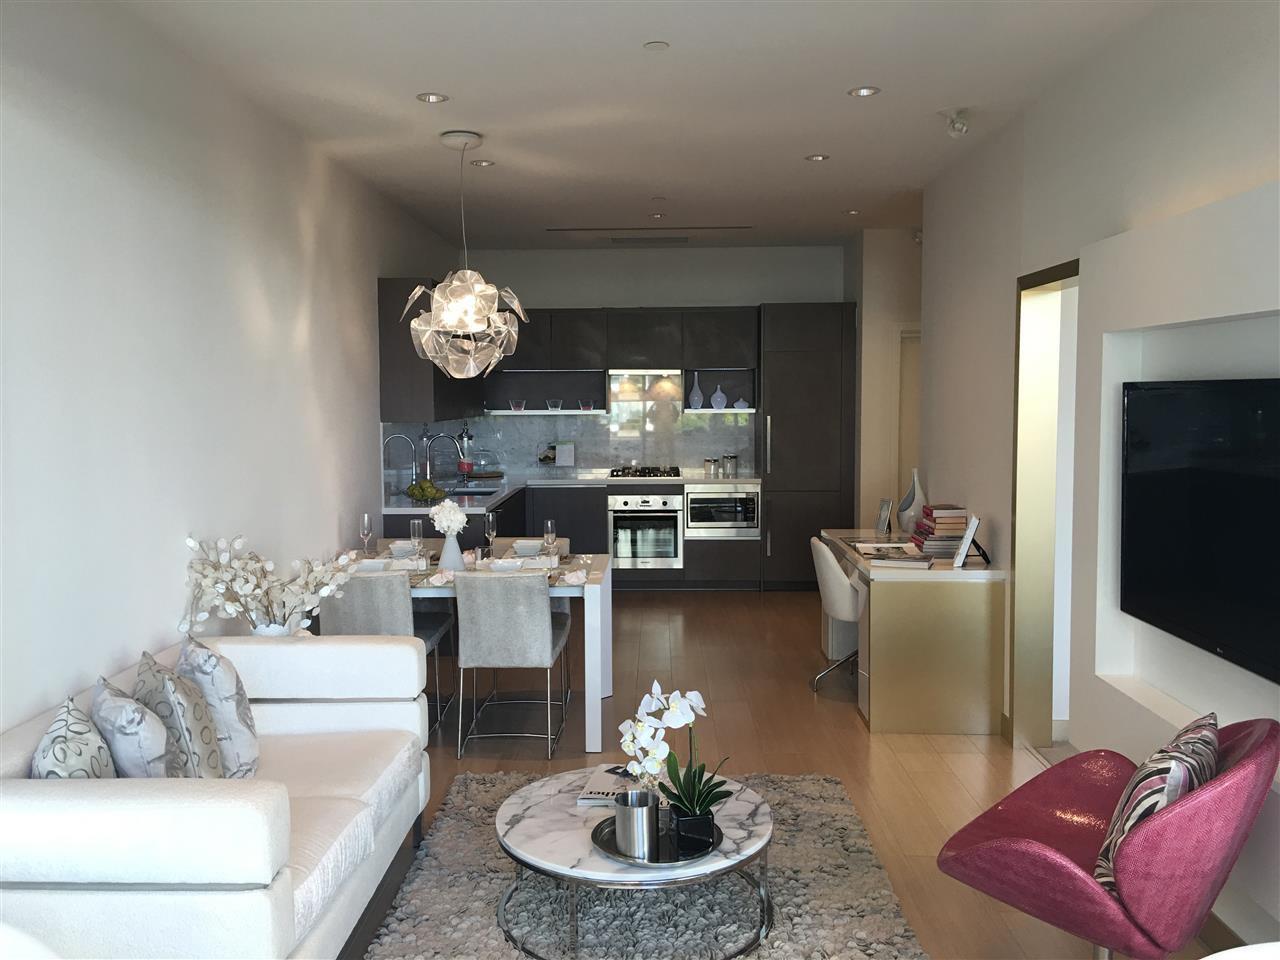 Main Photo: 3715 13696 100 AVENUE in Surrey: Whalley Condo for sale (North Surrey)  : MLS®# R2204398